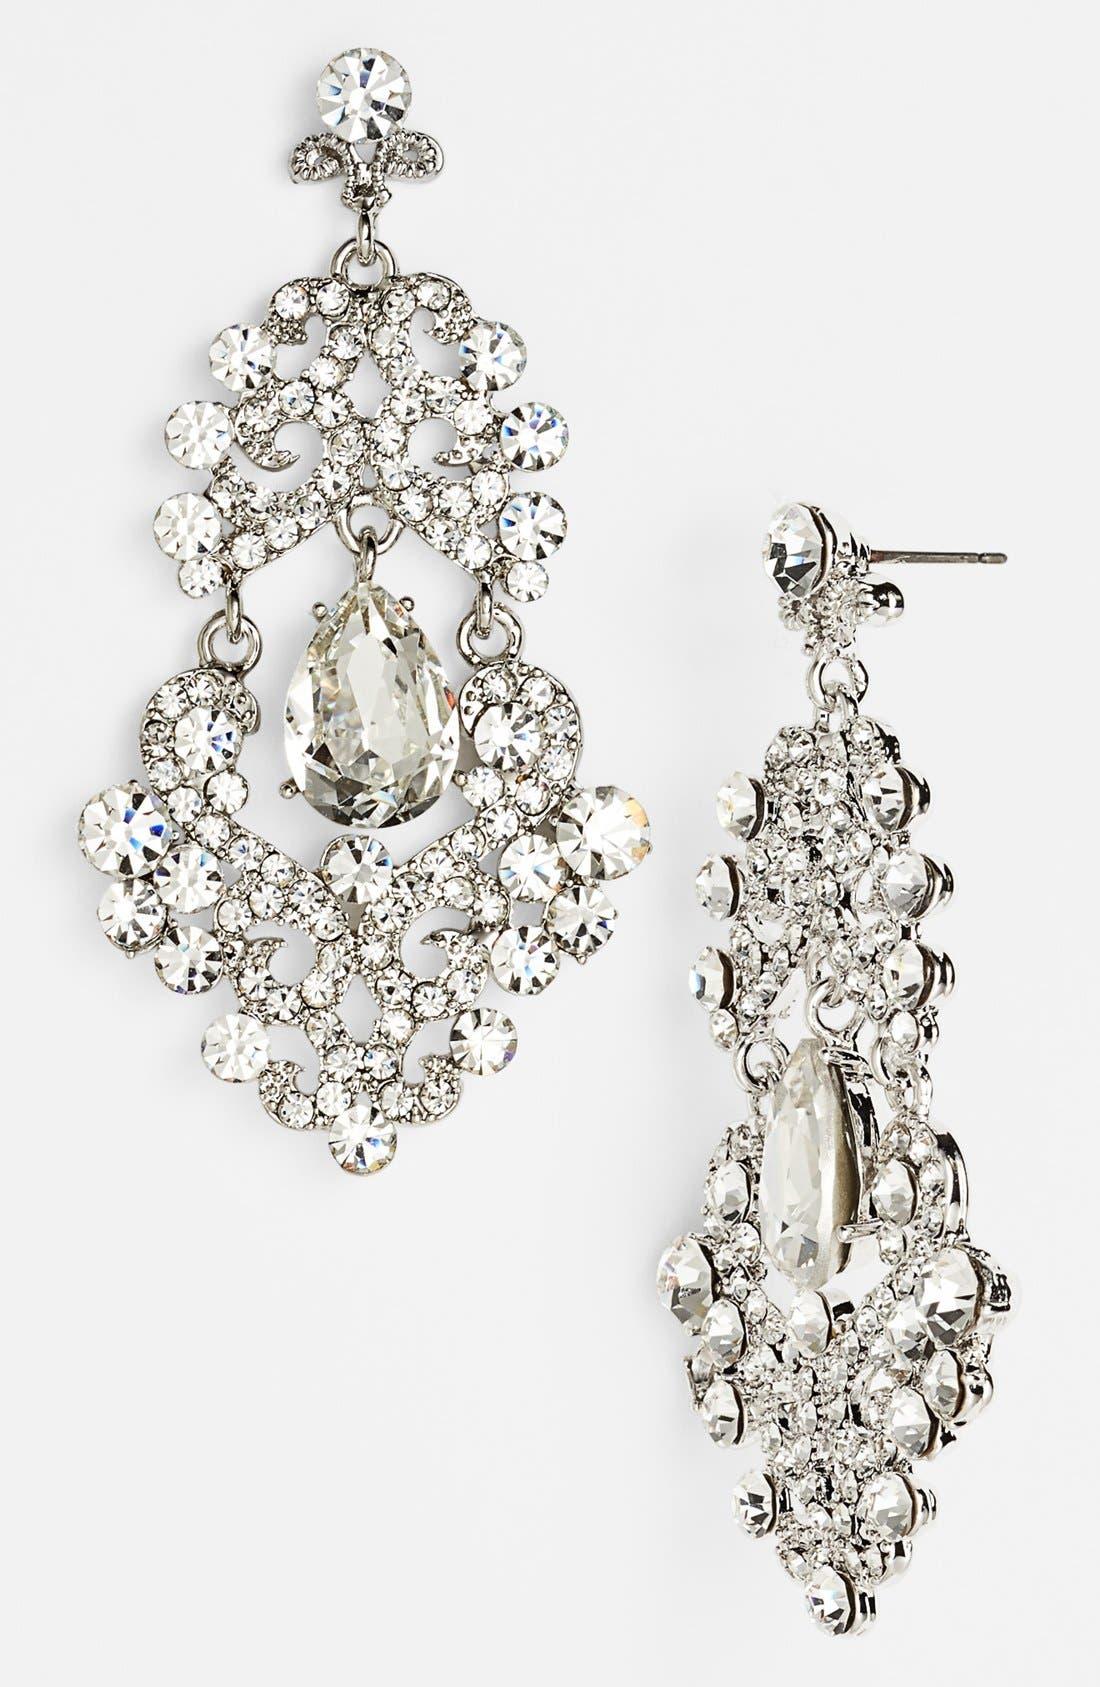 Main Image - Tasha Ornate Chandelier Earrings